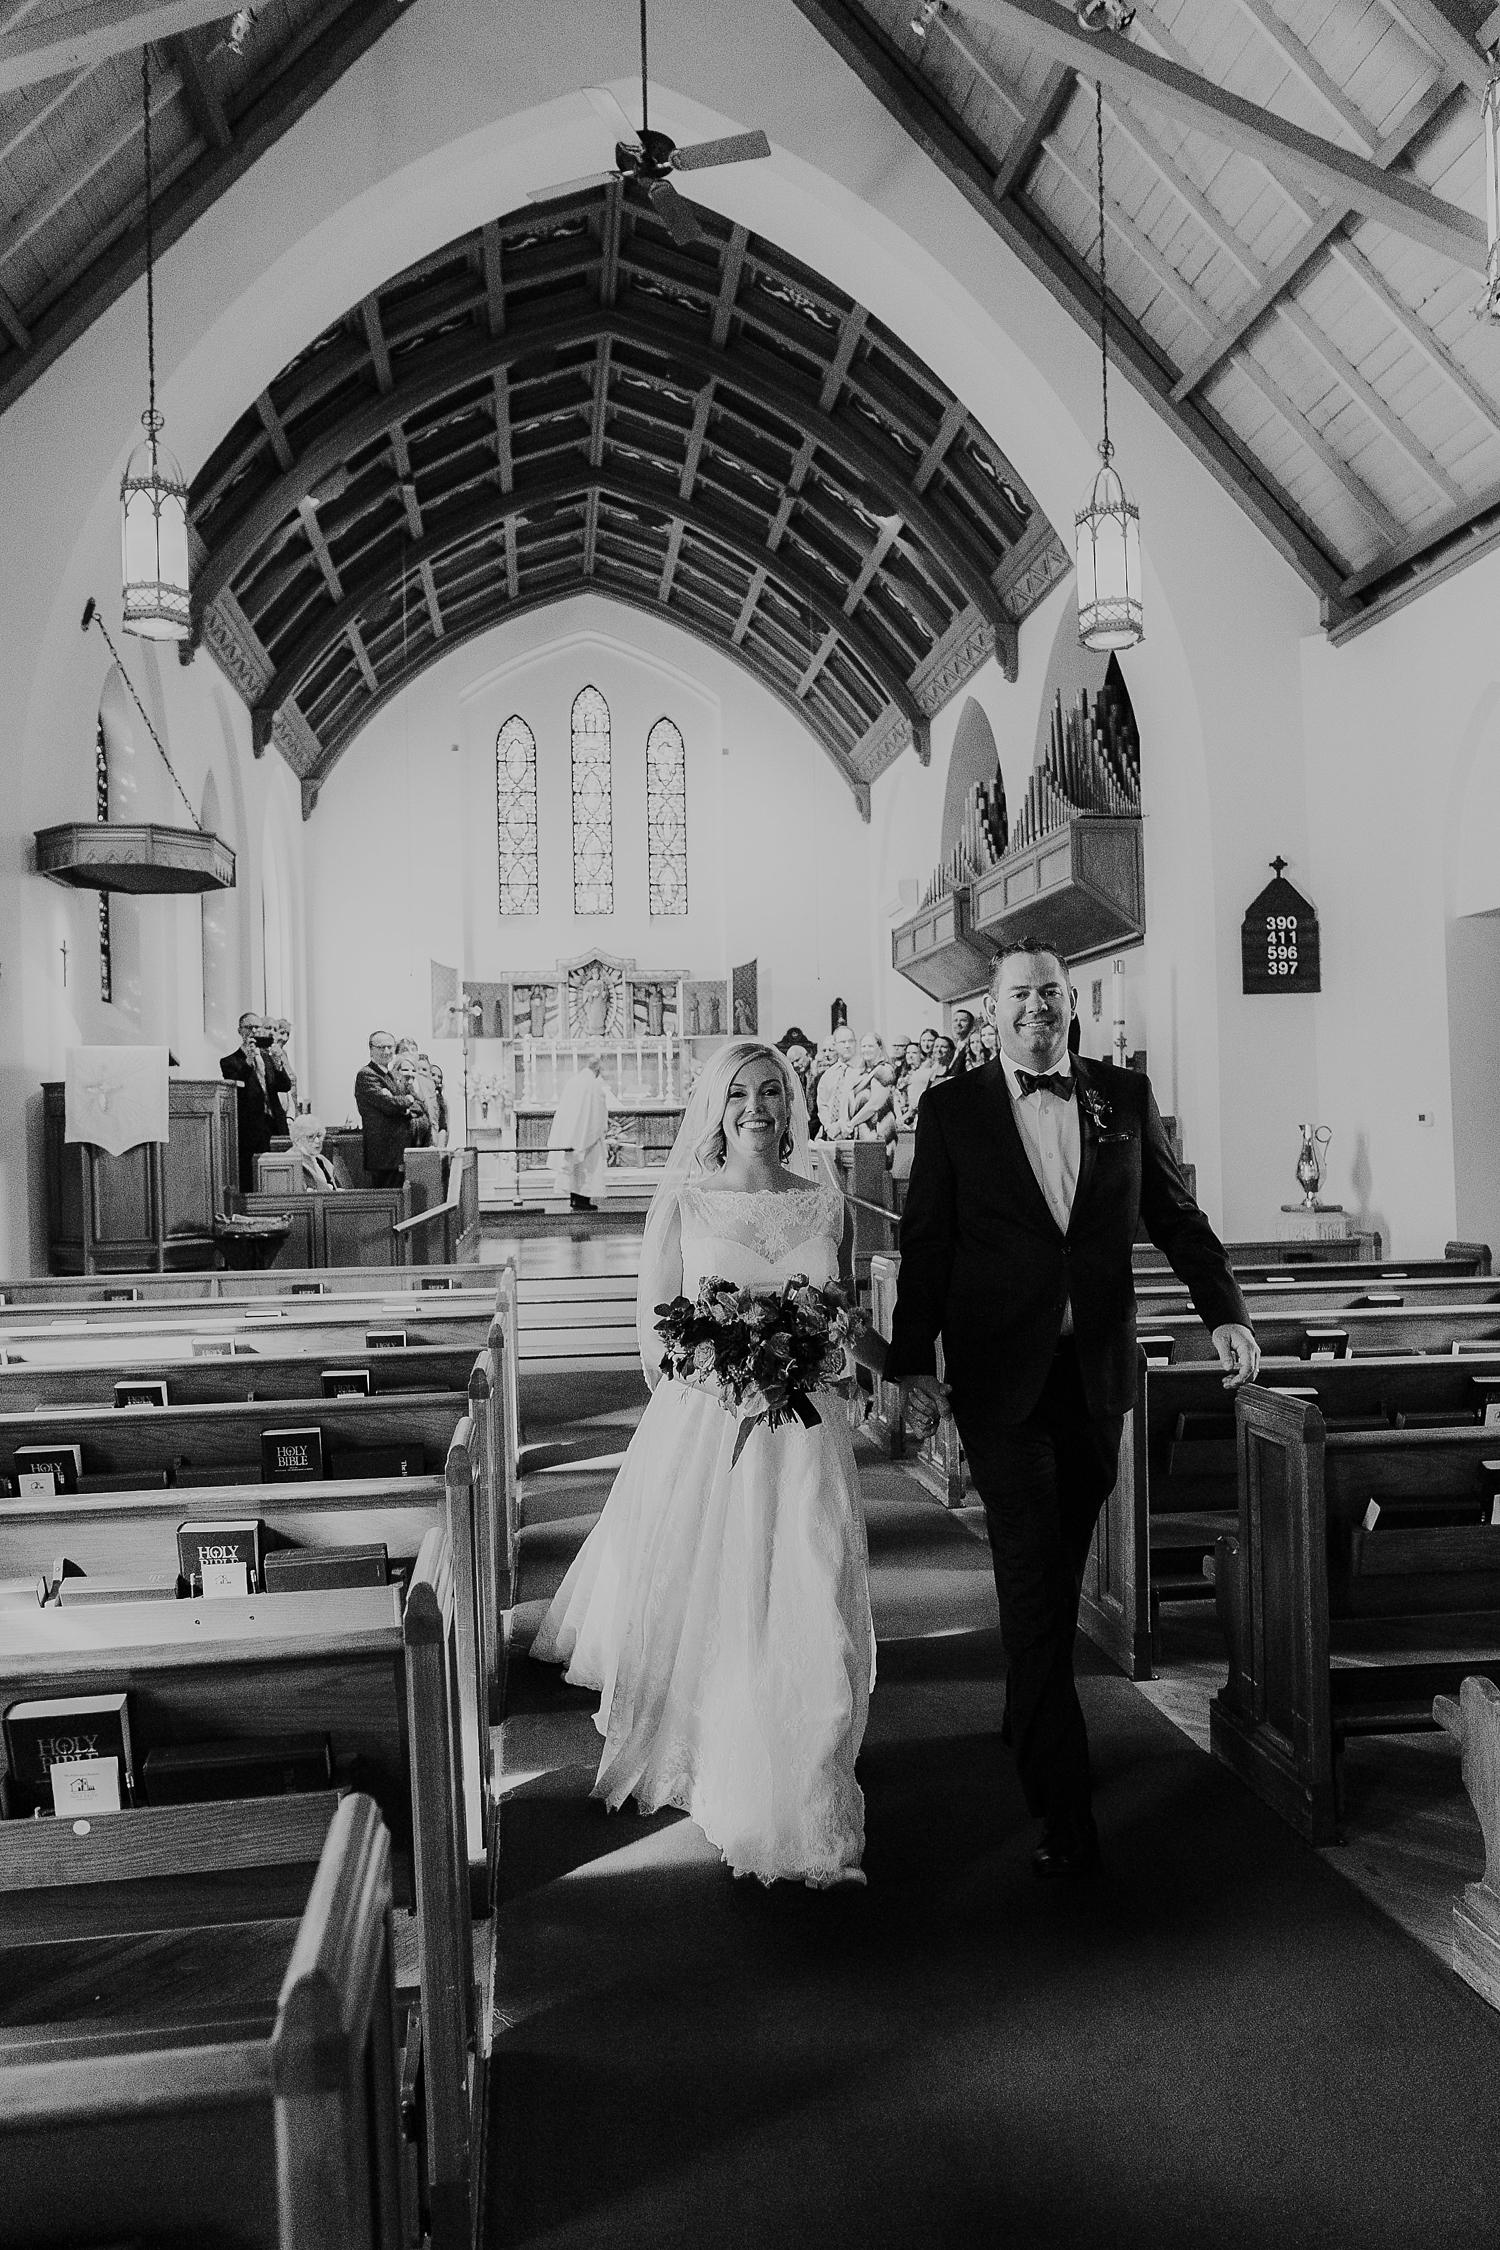 Alicia+lucia+photography+-+albuquerque+wedding+photographer+-+santa+fe+wedding+photography+-+new+mexico+wedding+photographer+-+la+fonda+wedding+-+la+fonda+fall+wedding+-+intimate+la+fonda+wedding_0027.jpg